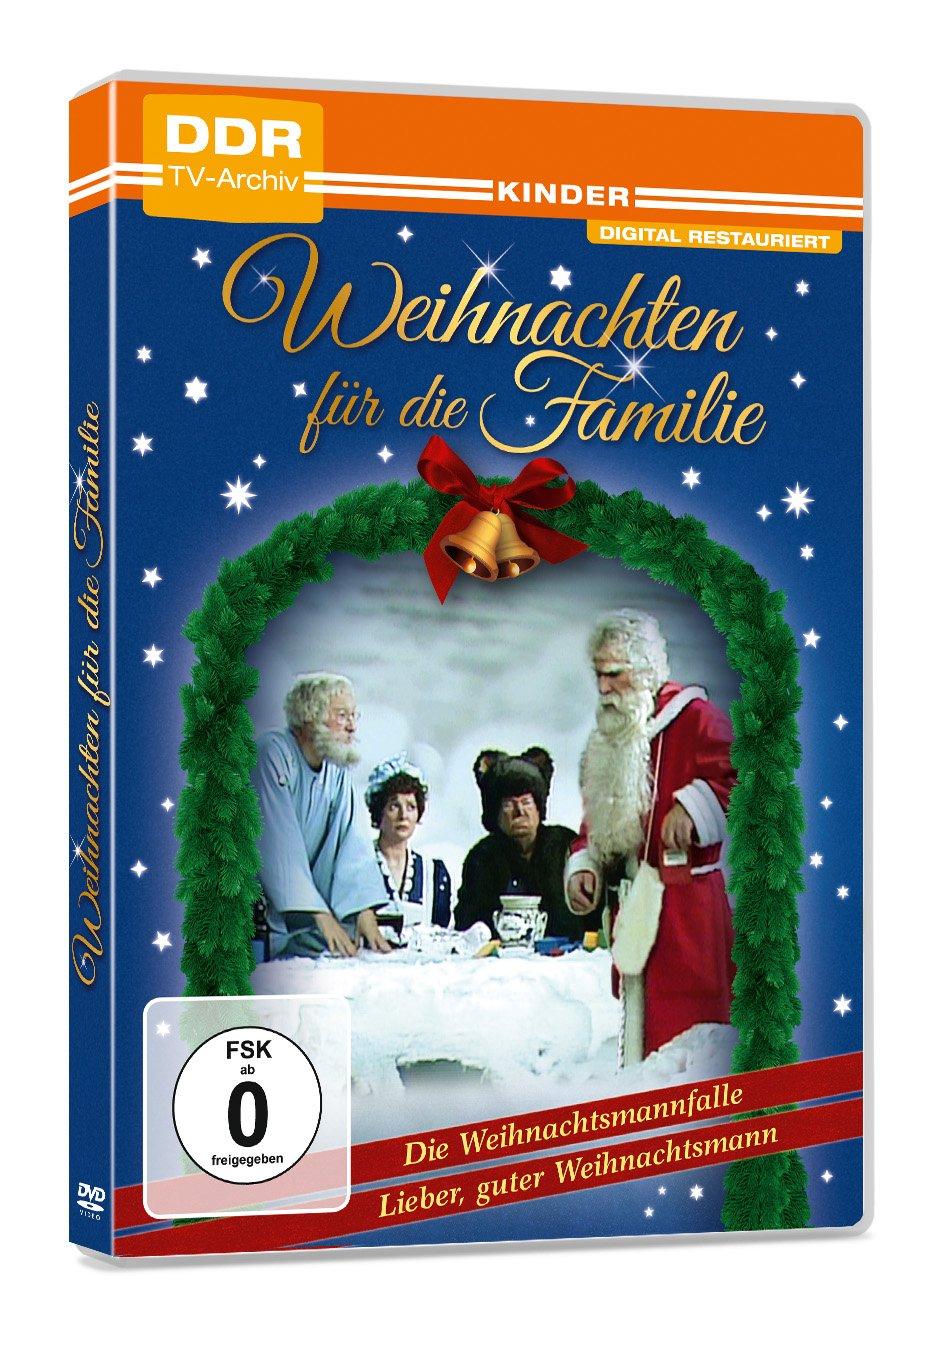 Weihnachten für die Familie: Die Weihnachtsmannfalle + Lieber, guter ...